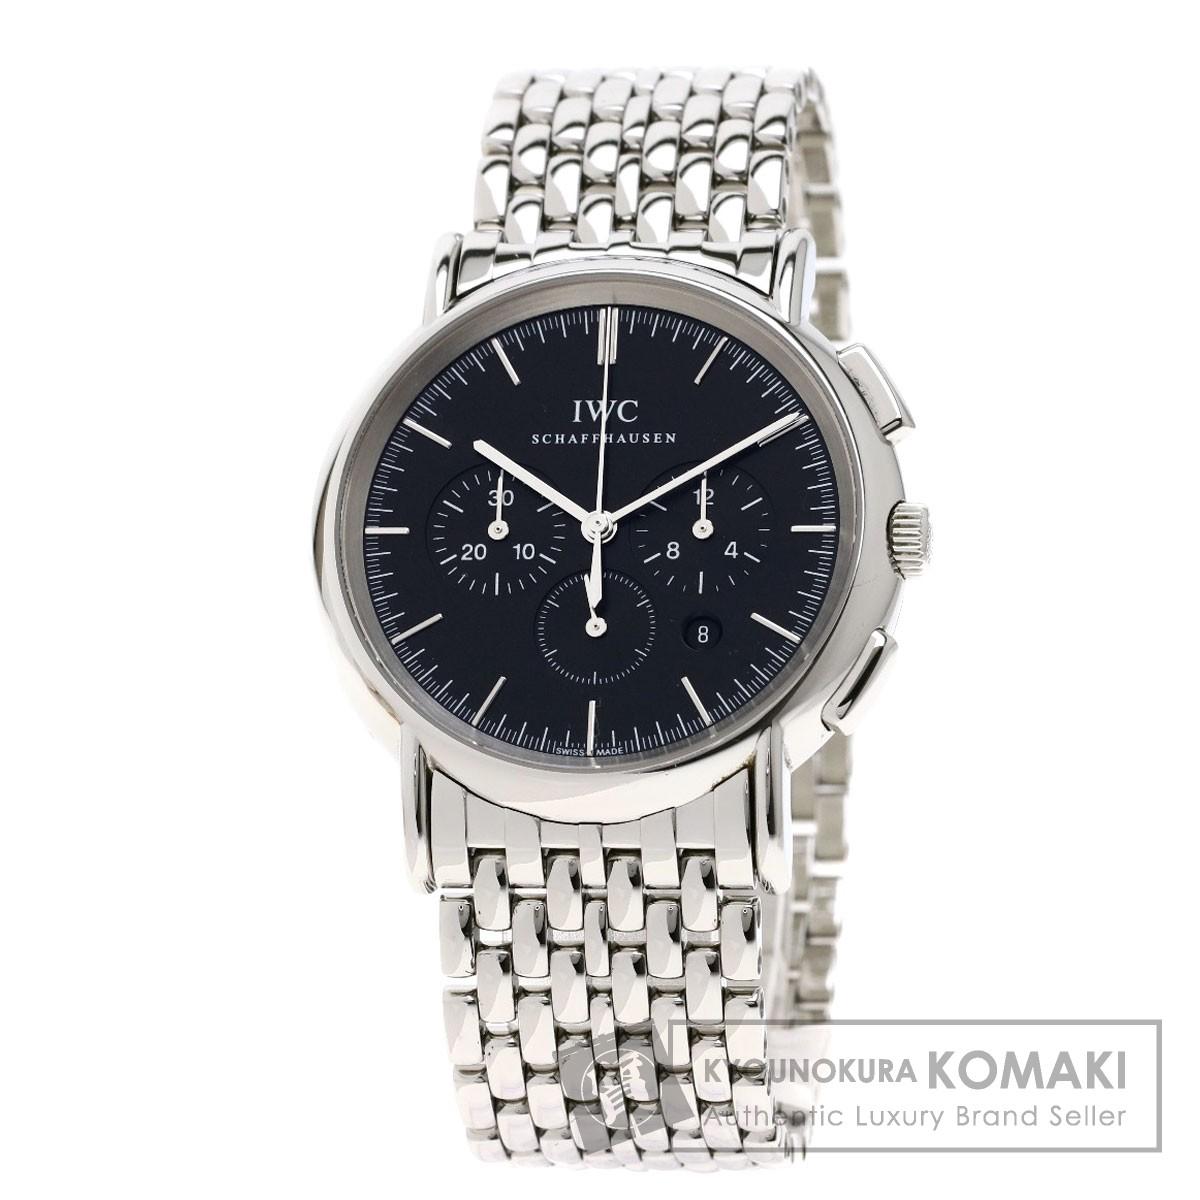 IWC IW372406 ポートフィノ クロノグラフ 腕時計 ステンレススチール/SS メンズ 【中古】【インターナショナルウォッチカンパニー】